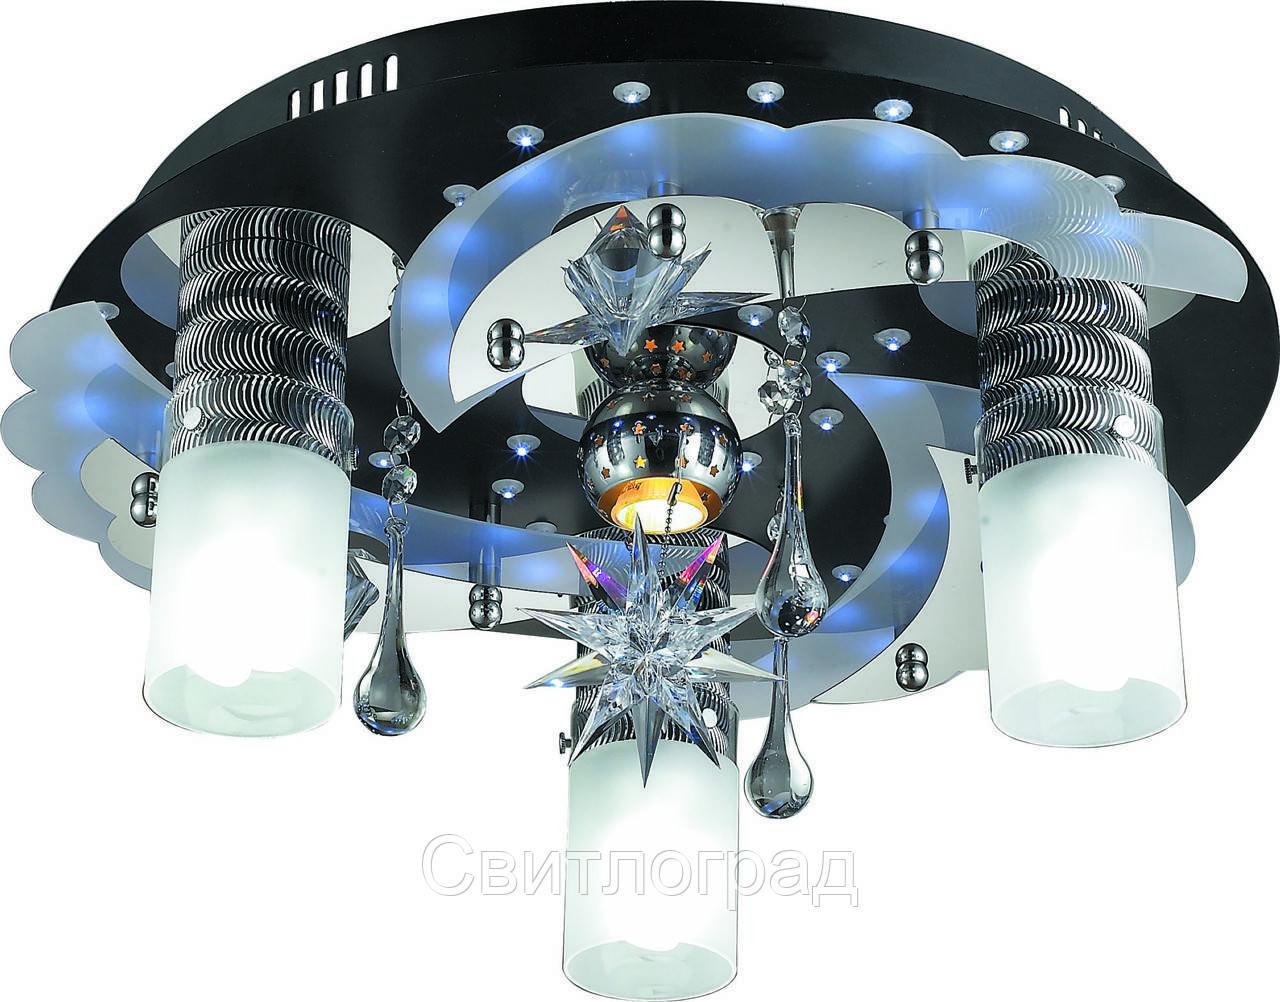 Светильник Потолочный с Led Подсветкой  с Плафонами  Altalusse LV168-04 Aluminium